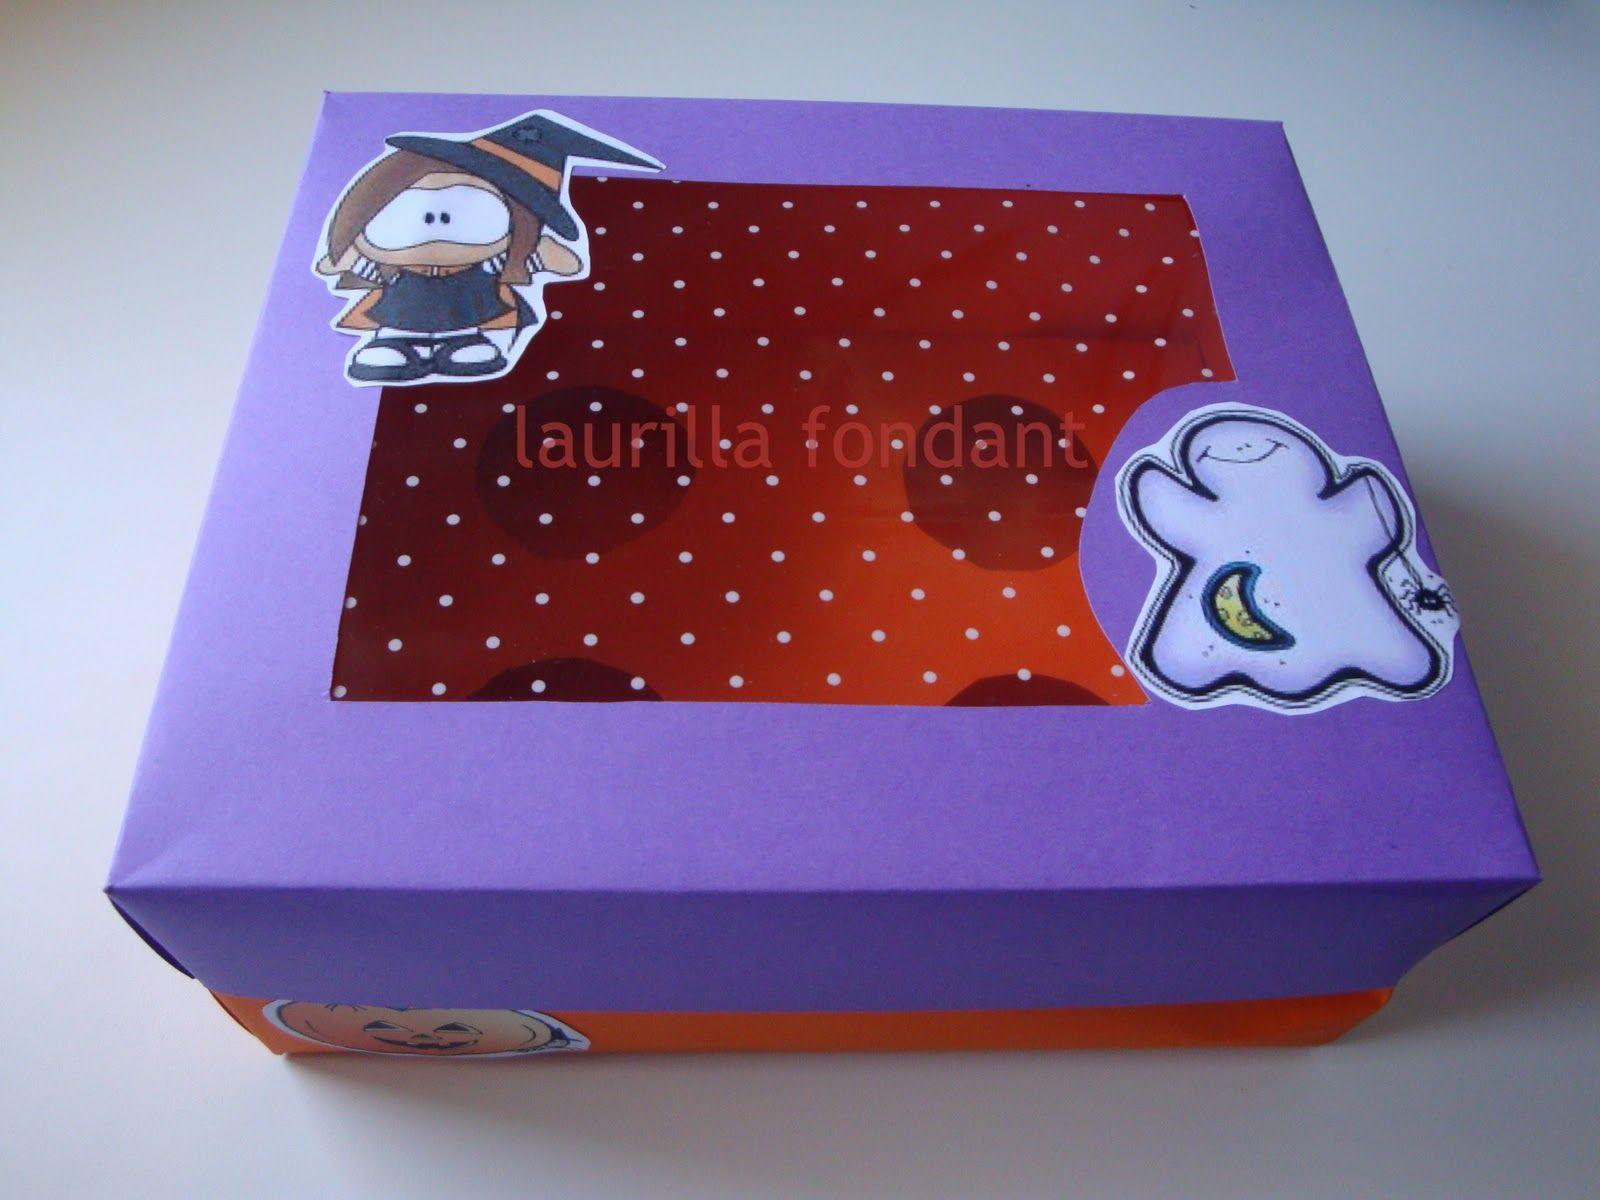 Cómo hacer cajas para magdalenas | PLANTILLAS cajas y envolturas ...